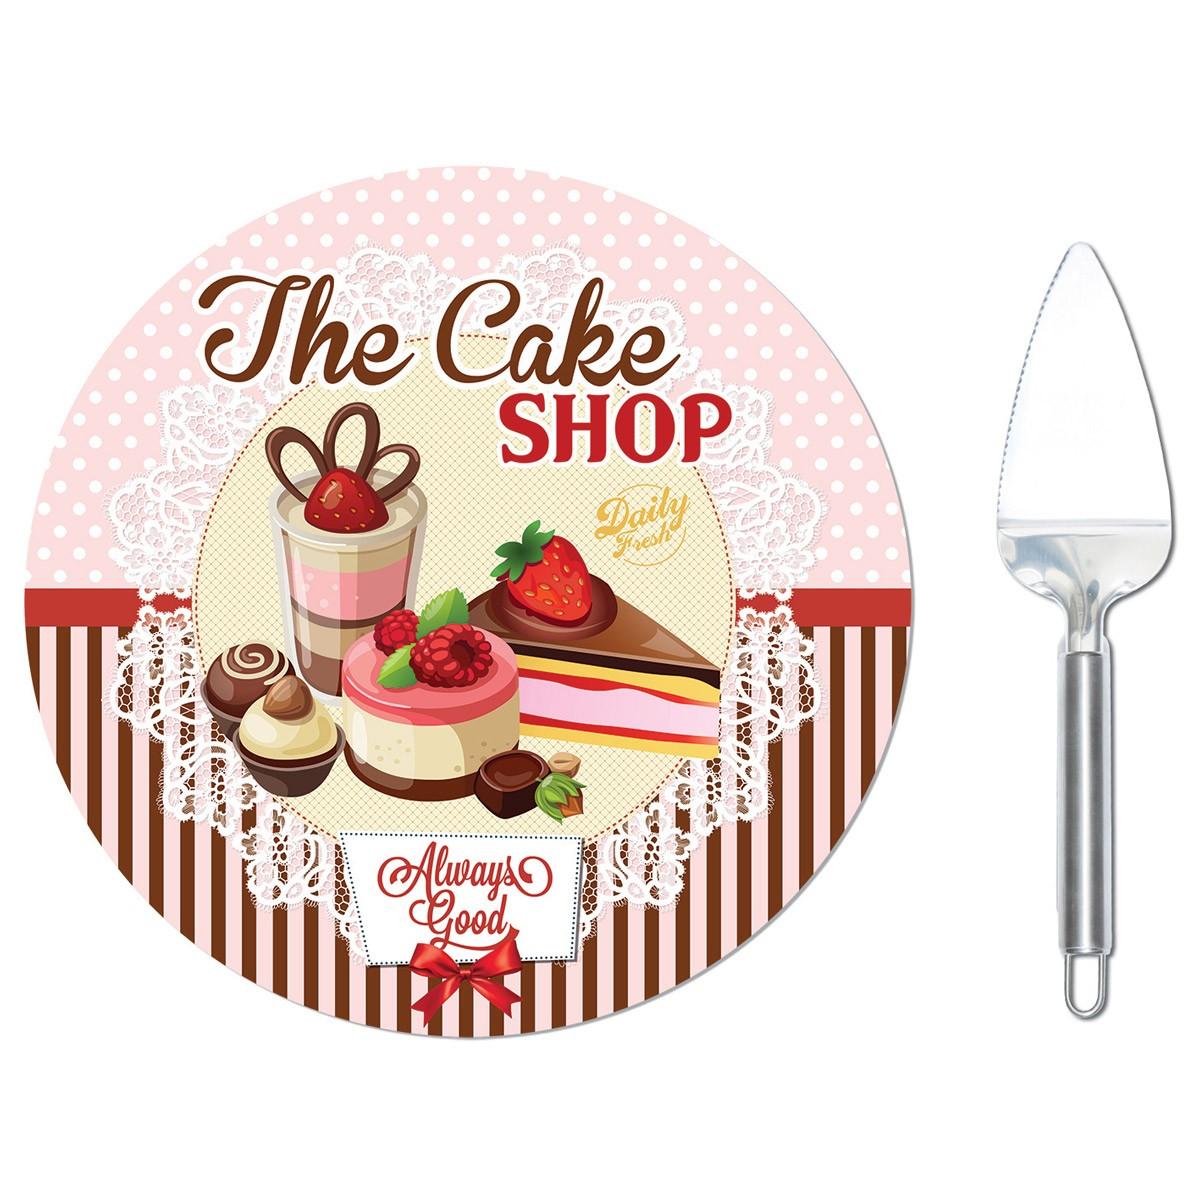 Πιατέλα Σερβιρίσματος Με Σπάτουλα Marva The Bake Shop 490CΑSΗ home   κουζίνα   τραπεζαρία   είδη σερβιρίσματος